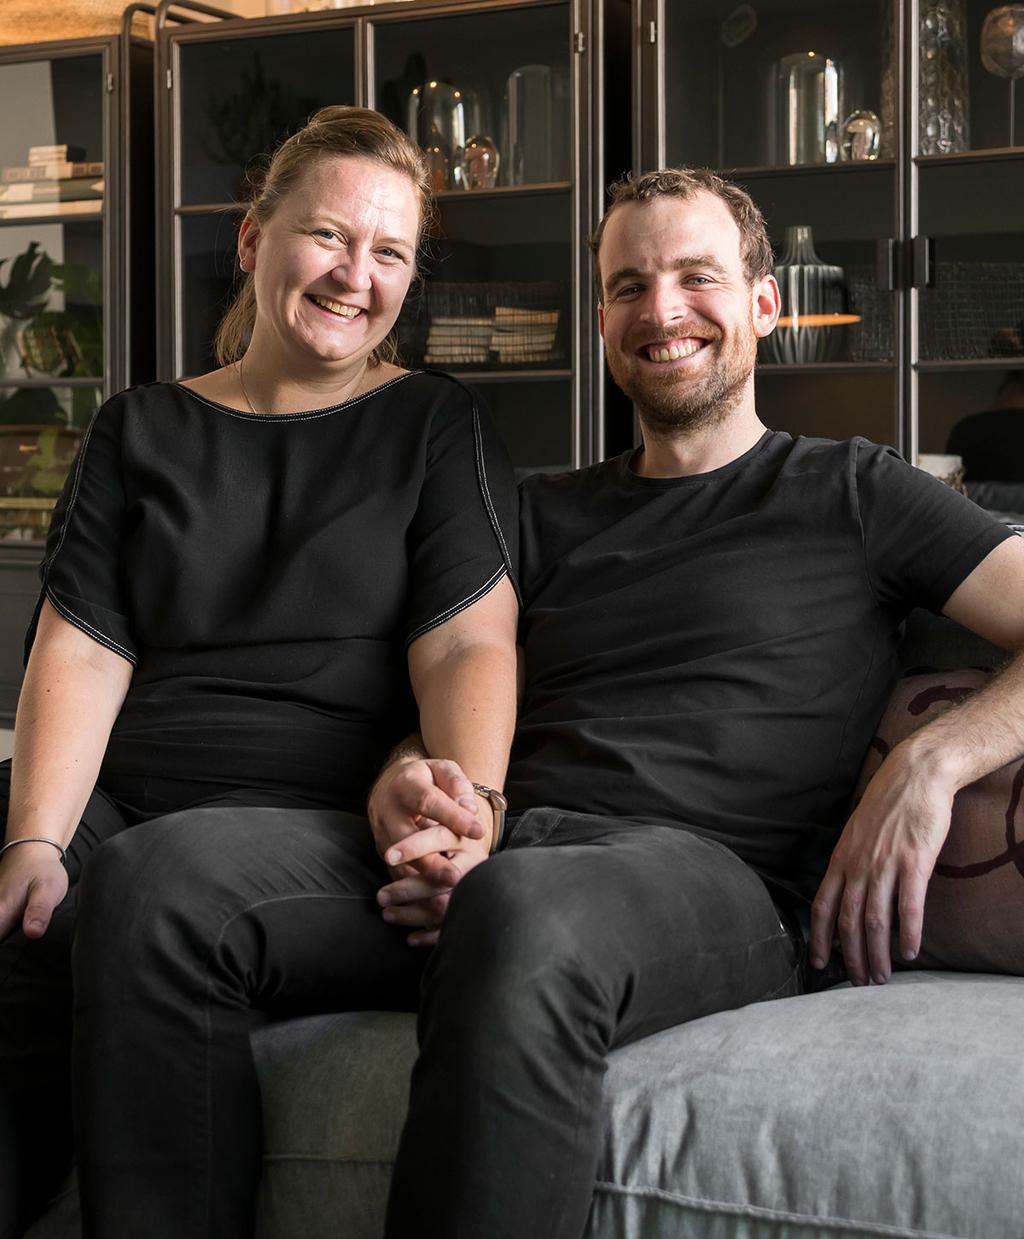 Lies en Matthias uit aflevering 3 van 'Een frisse start met vtwonen'.